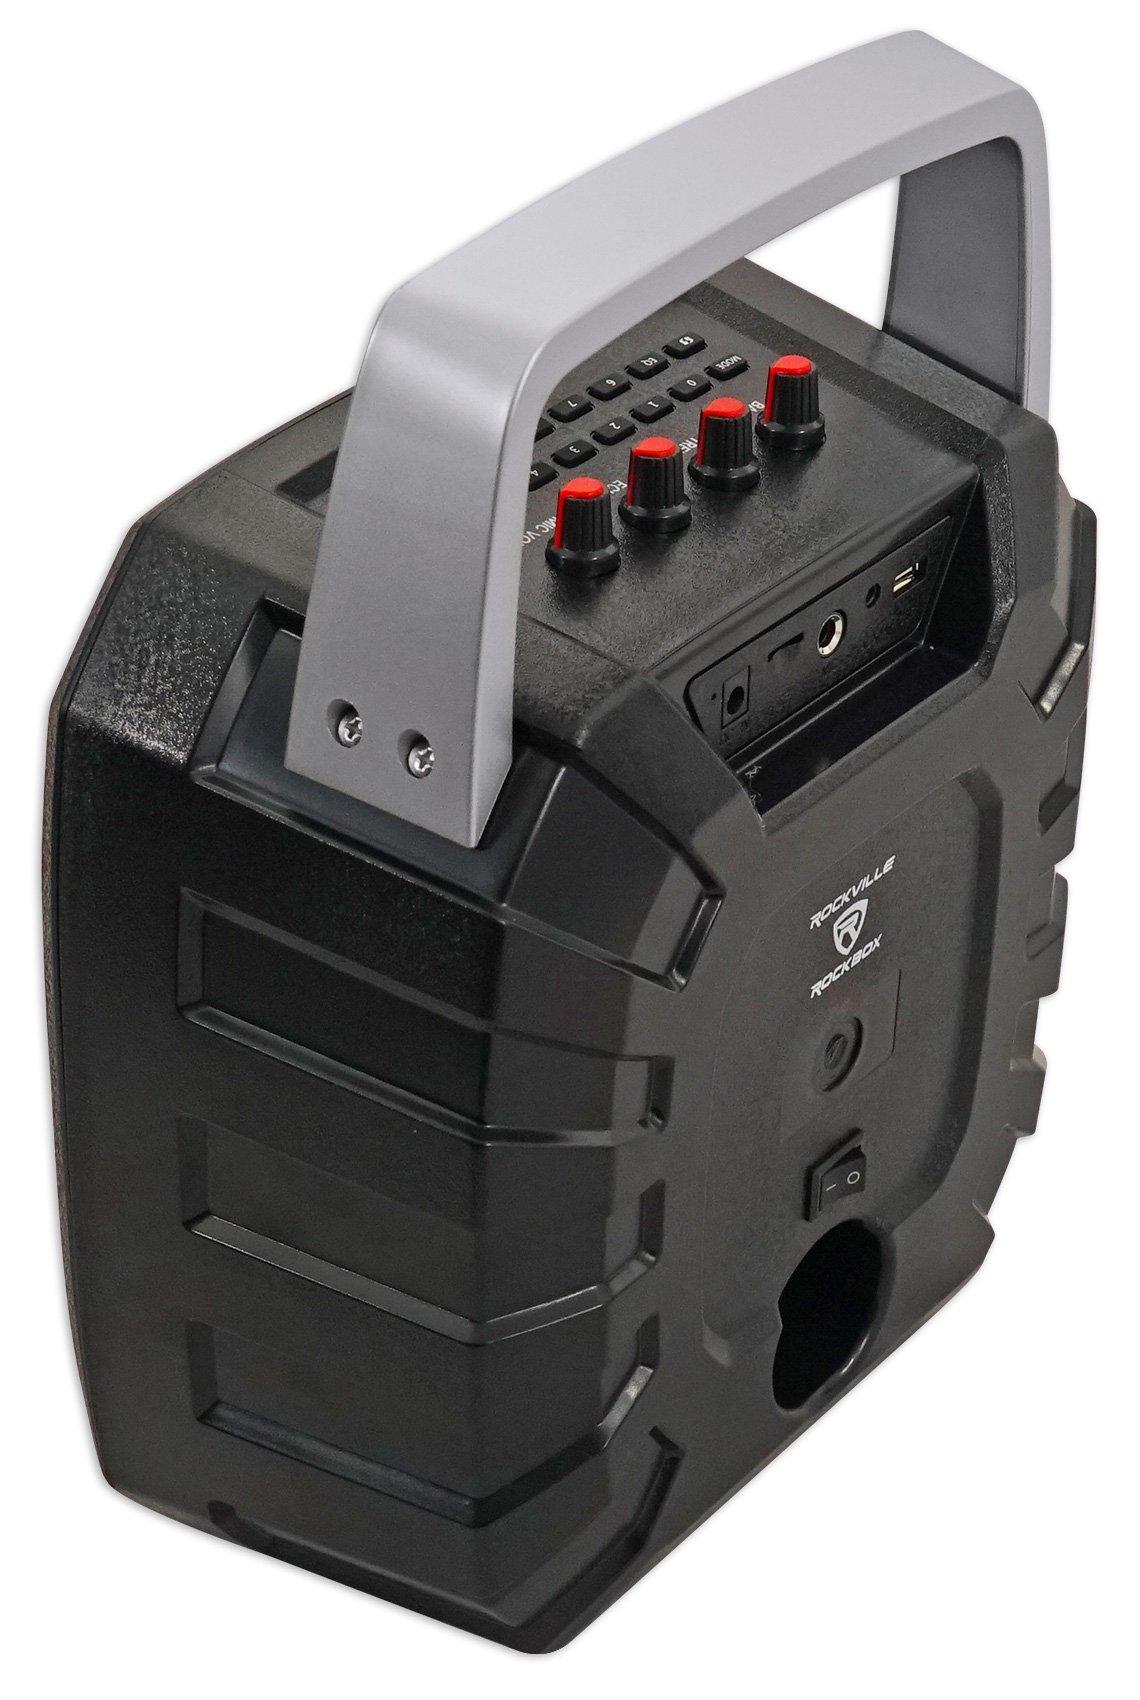 Rockville ROCKBOX 6.5'' 100 Watt Portable Rechargable Bluetooth Speaker w USB/SD by Rockville (Image #4)